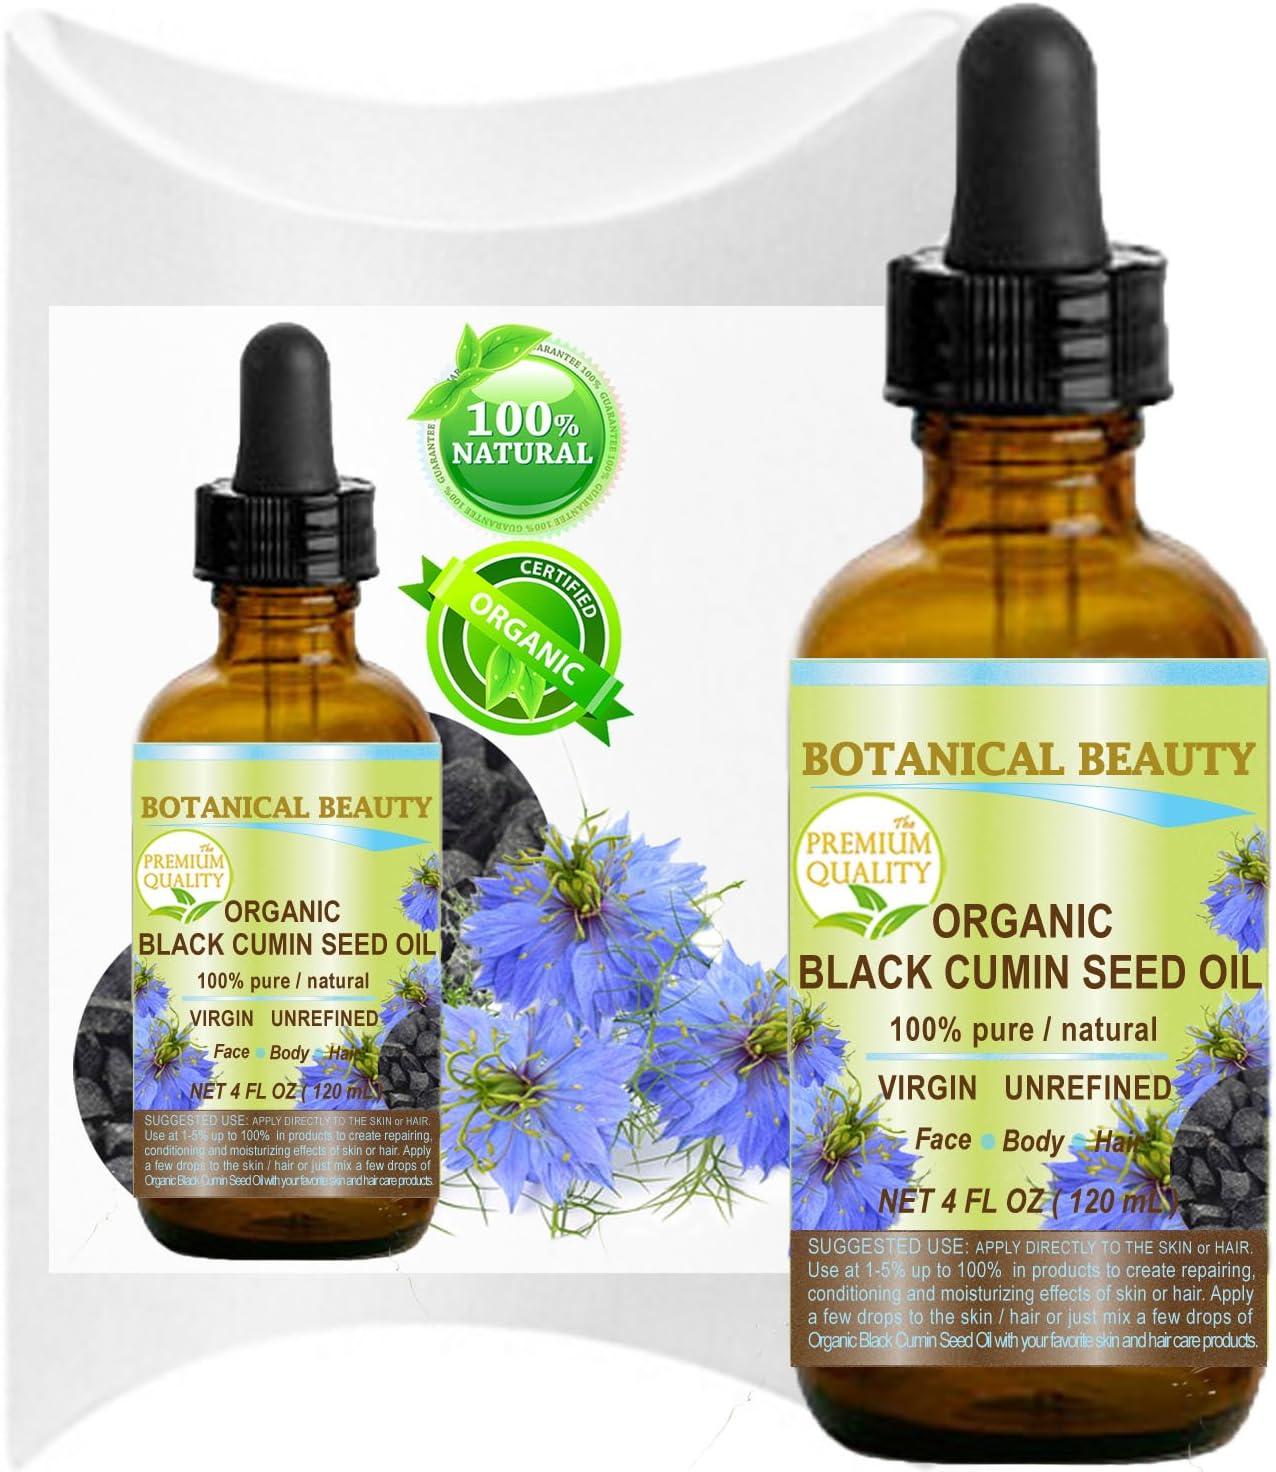 Orgánica Negro semillas de comino–Aceite de Nigella Sativa. 100% puro/Natural/Sin Diluir/Virgen. Para la piel, cabello, labios y uñas cuidado .4fl. oz.-120ml